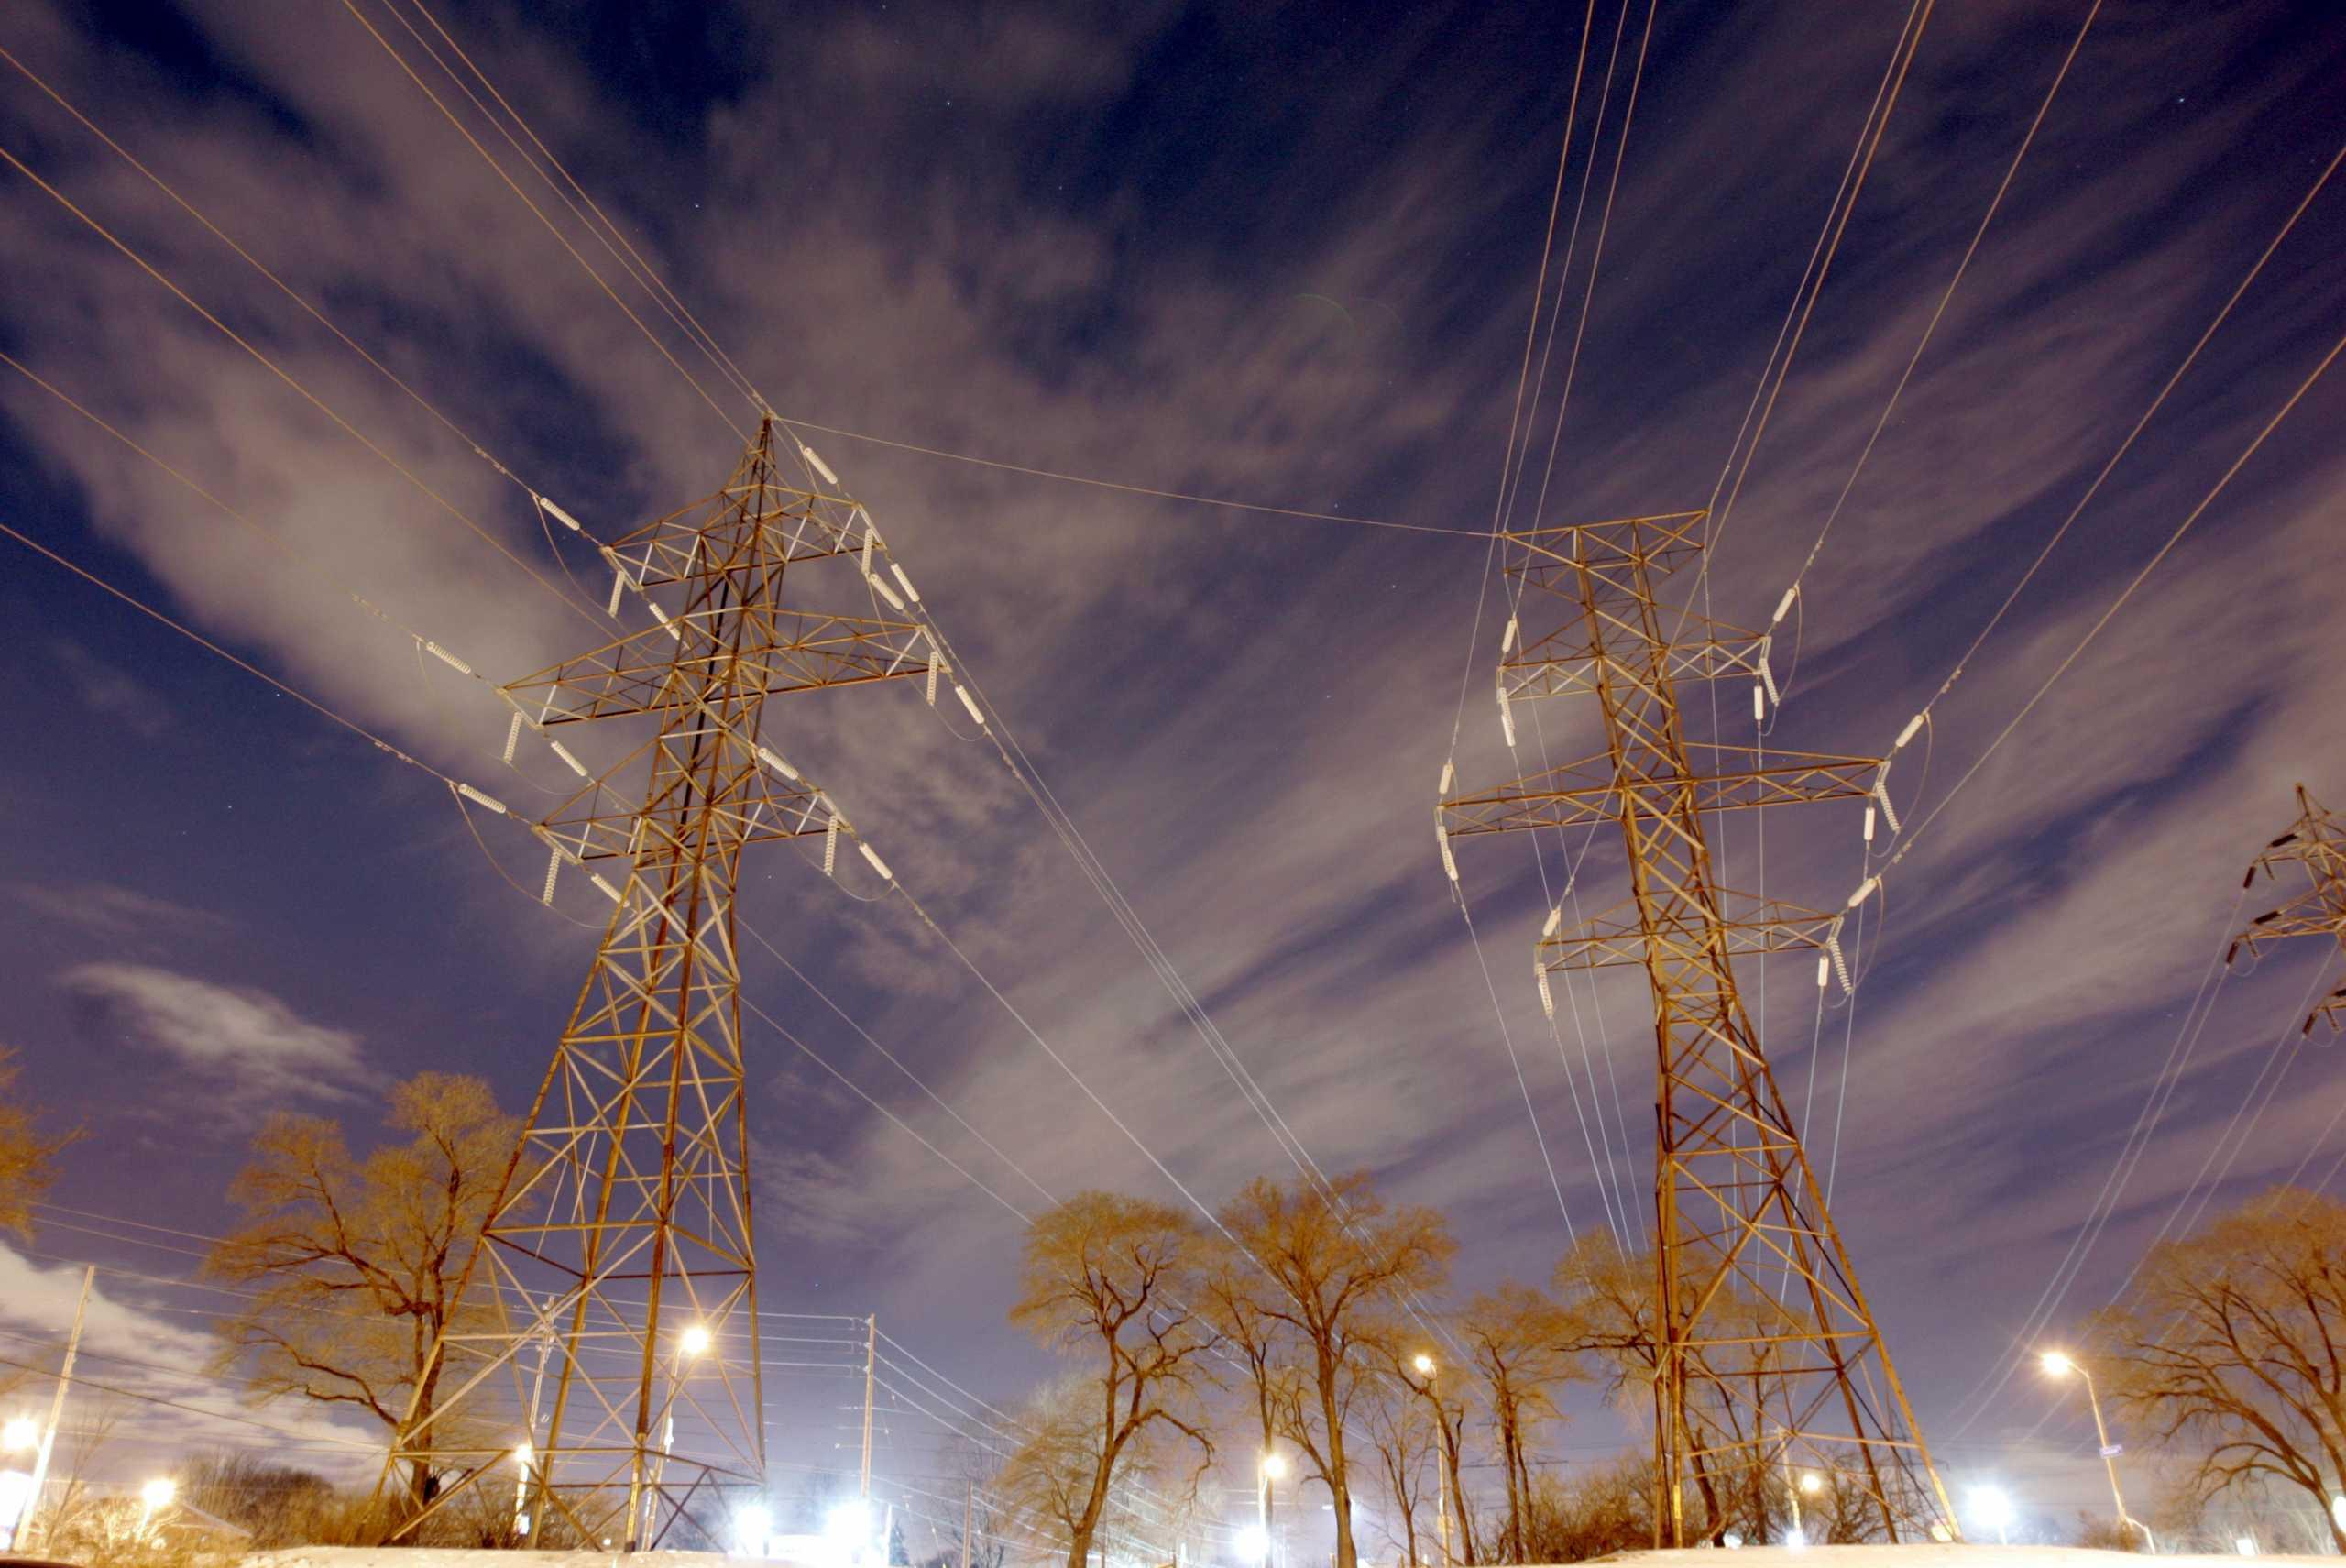 Σενάρια για αύξηση της επιδότησης στην ηλεκτρική ενέργεια